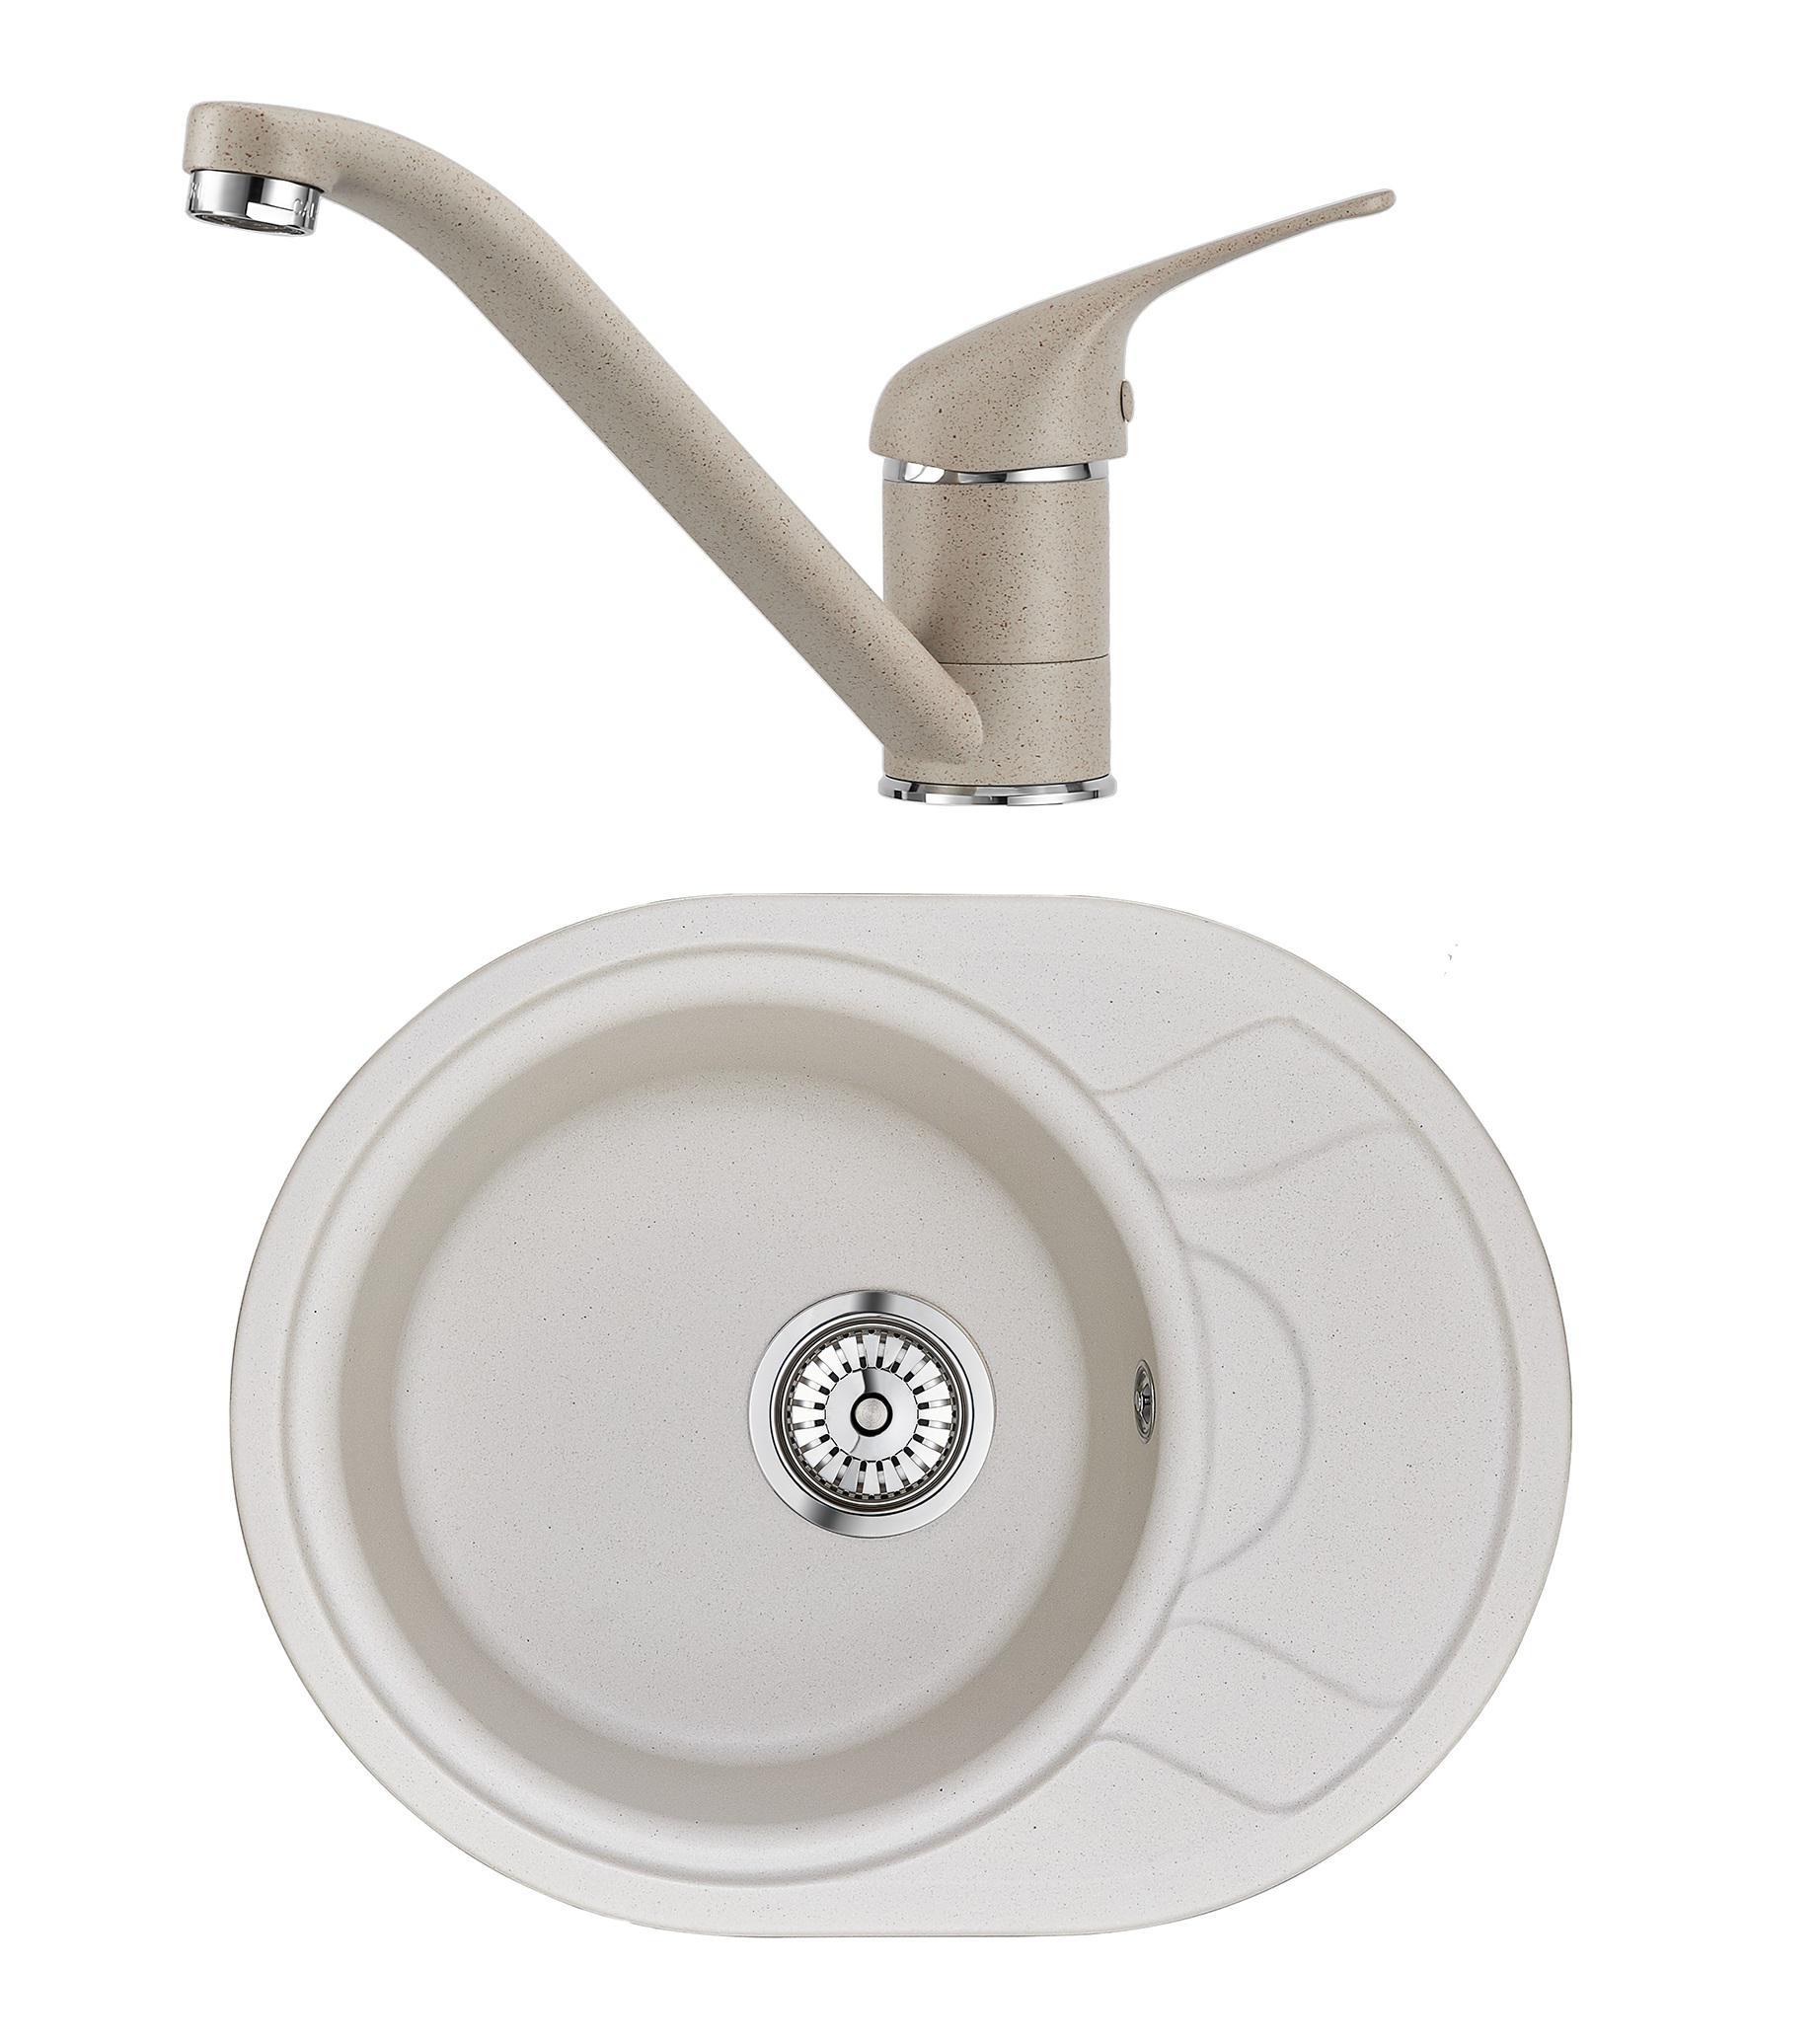 Набор Granula Смеситель gr-1023 +Мойка кухонная gr-5802 кухонная мойка granula 4201 классик